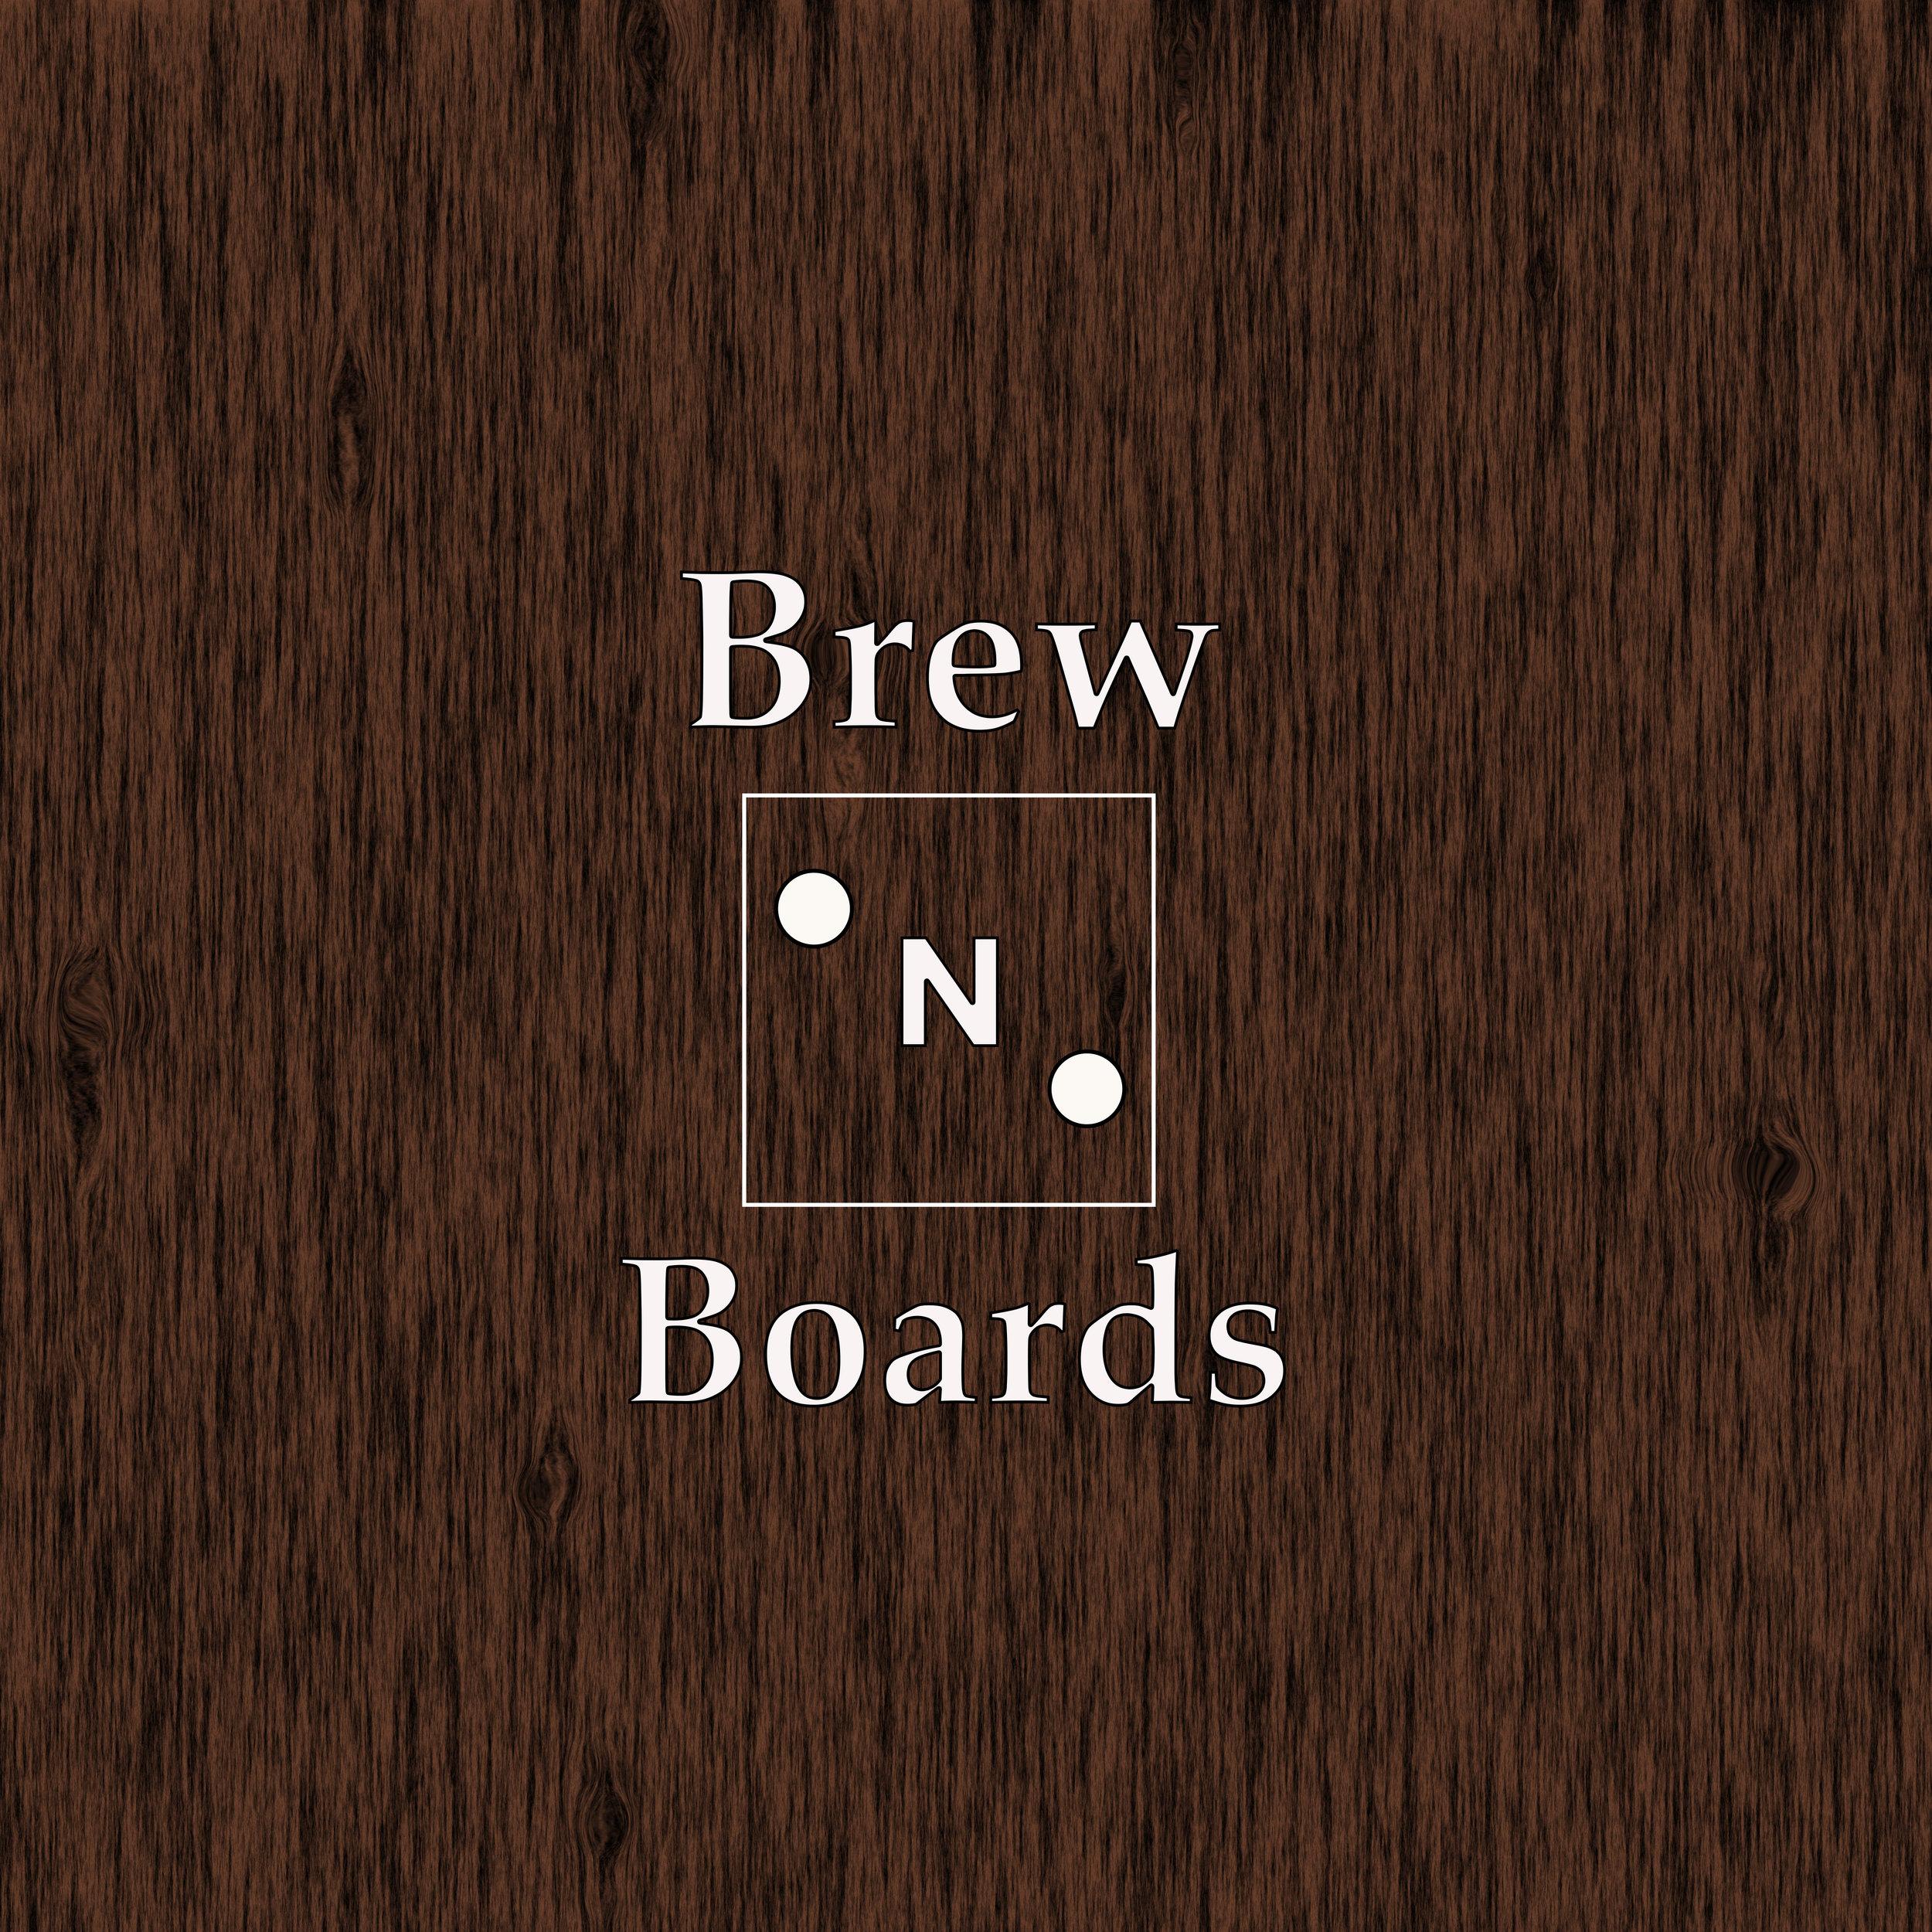 BrewNBoards logo.jpg